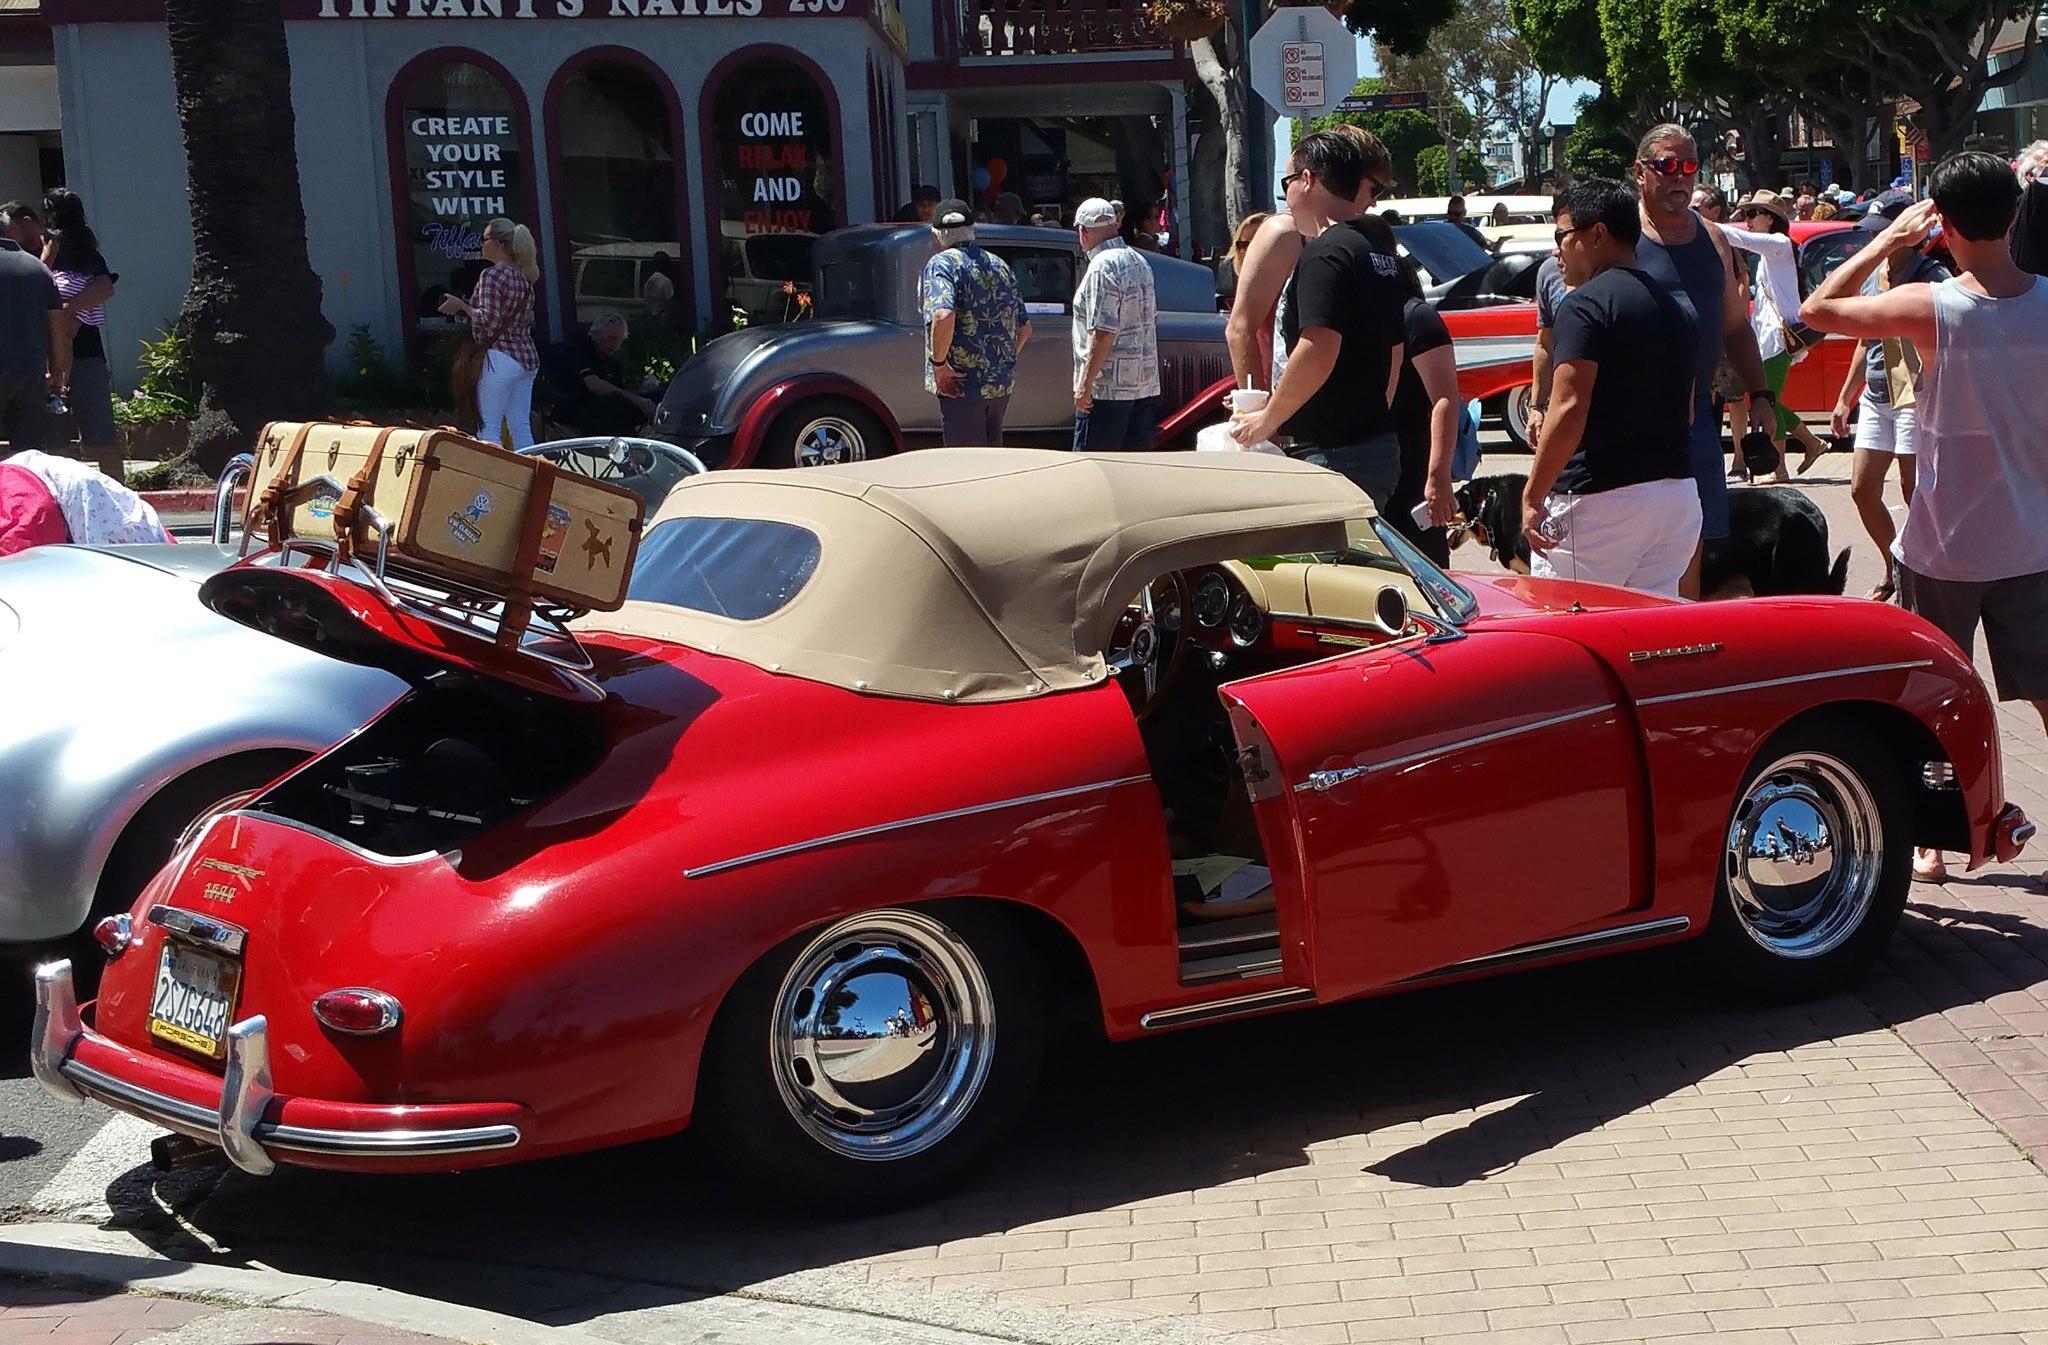 Wonderful Classic Car Vin Check Photos - Classic Cars Ideas - boiq.info